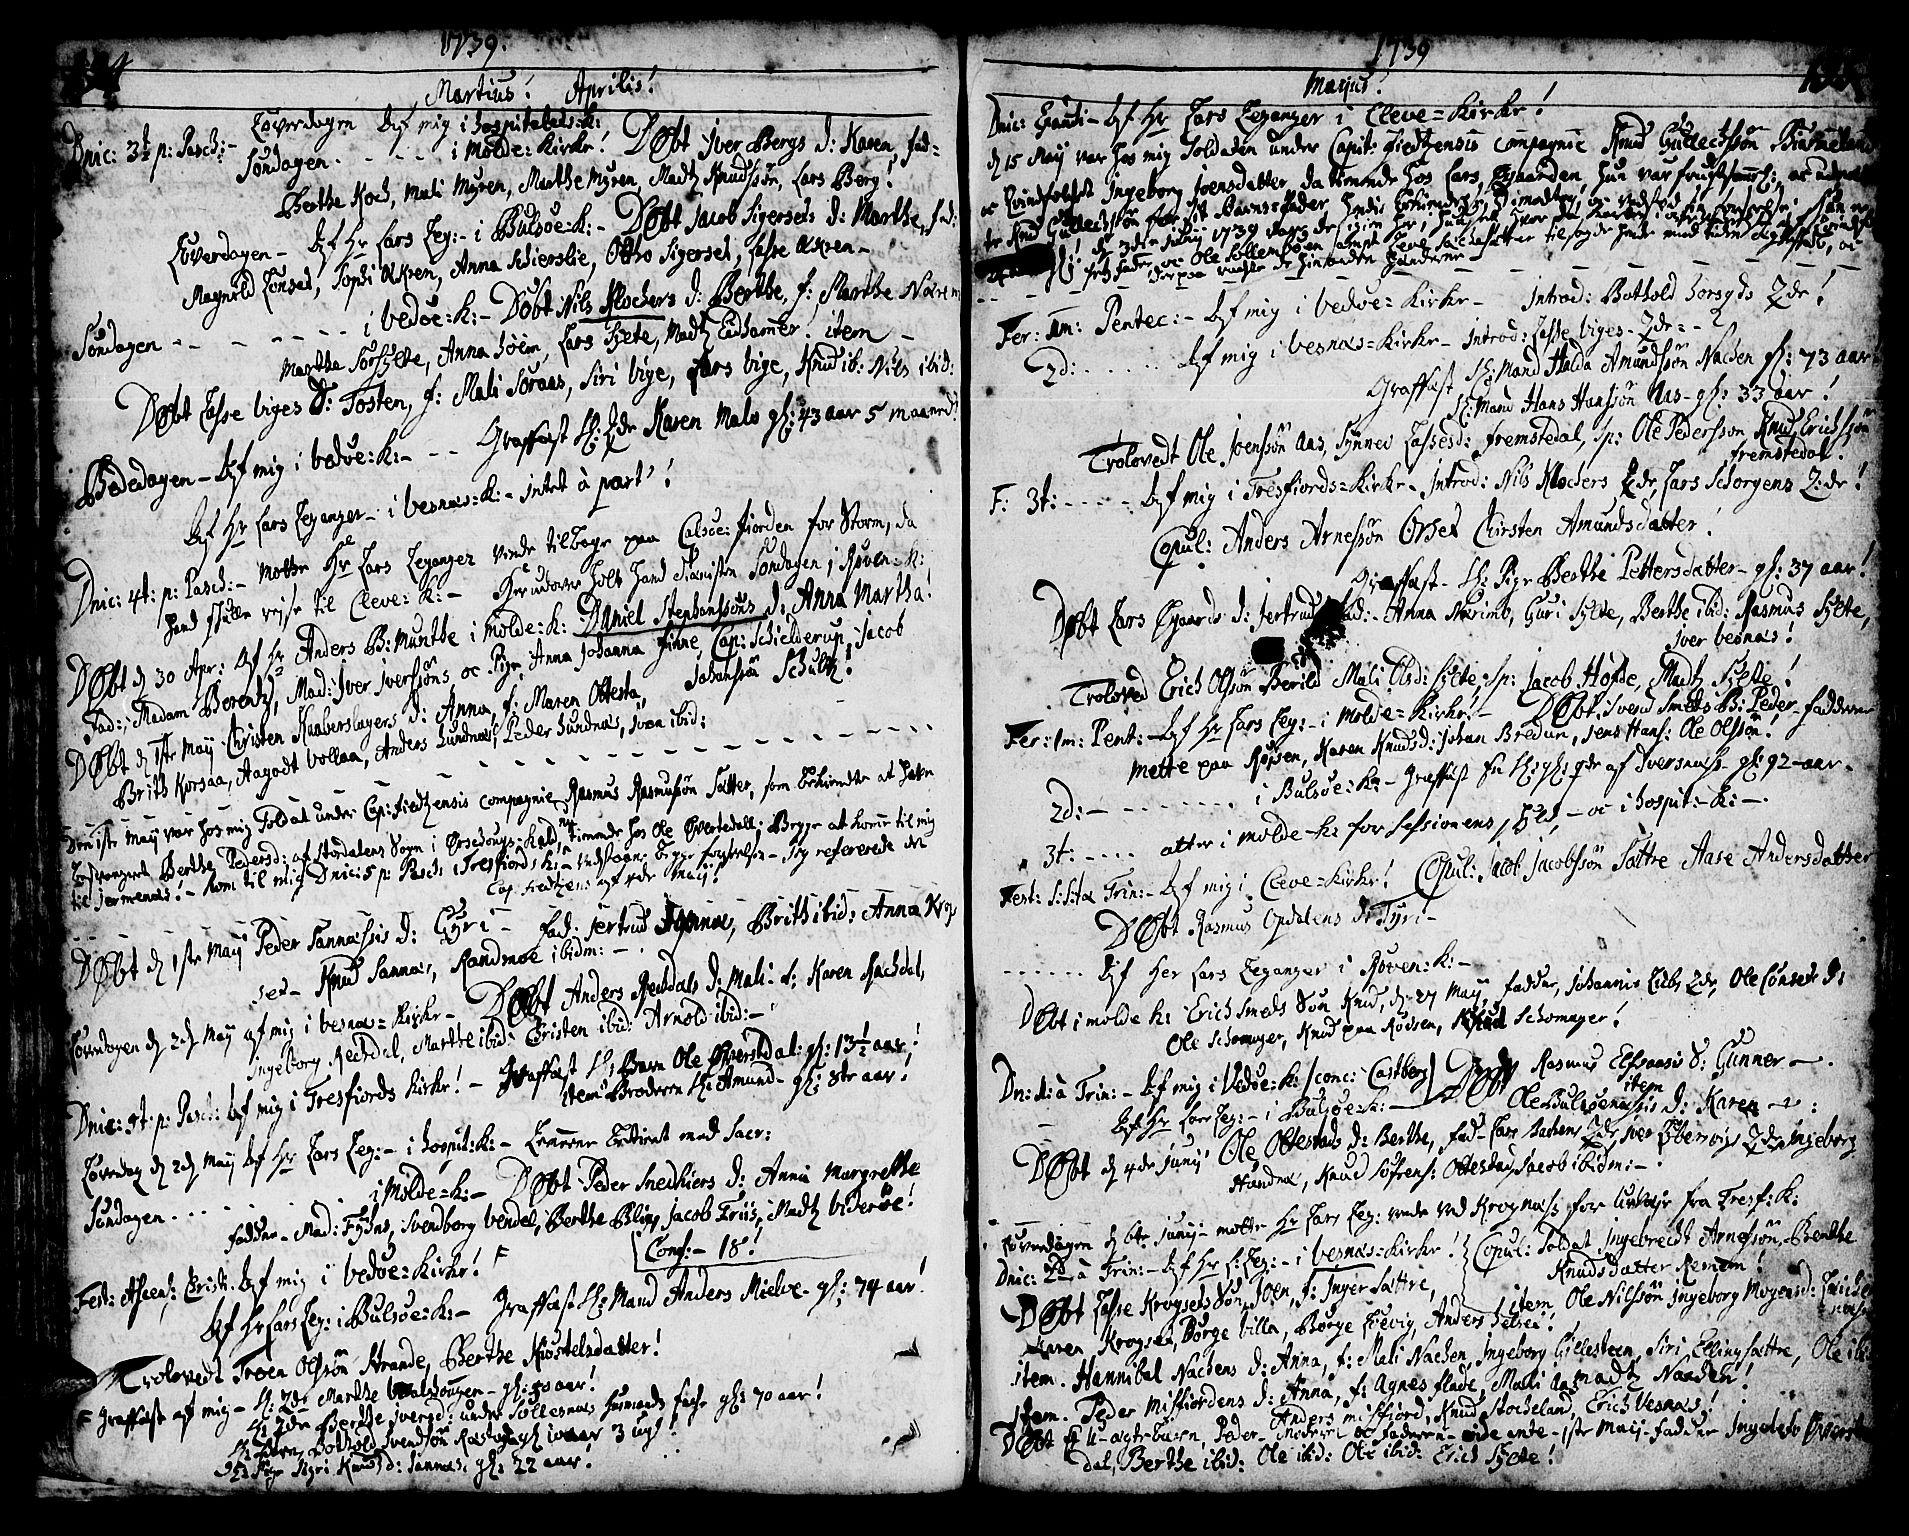 SAT, Ministerialprotokoller, klokkerbøker og fødselsregistre - Møre og Romsdal, 547/L0599: Parish register (official) no. 547A01, 1721-1764, p. 196-197